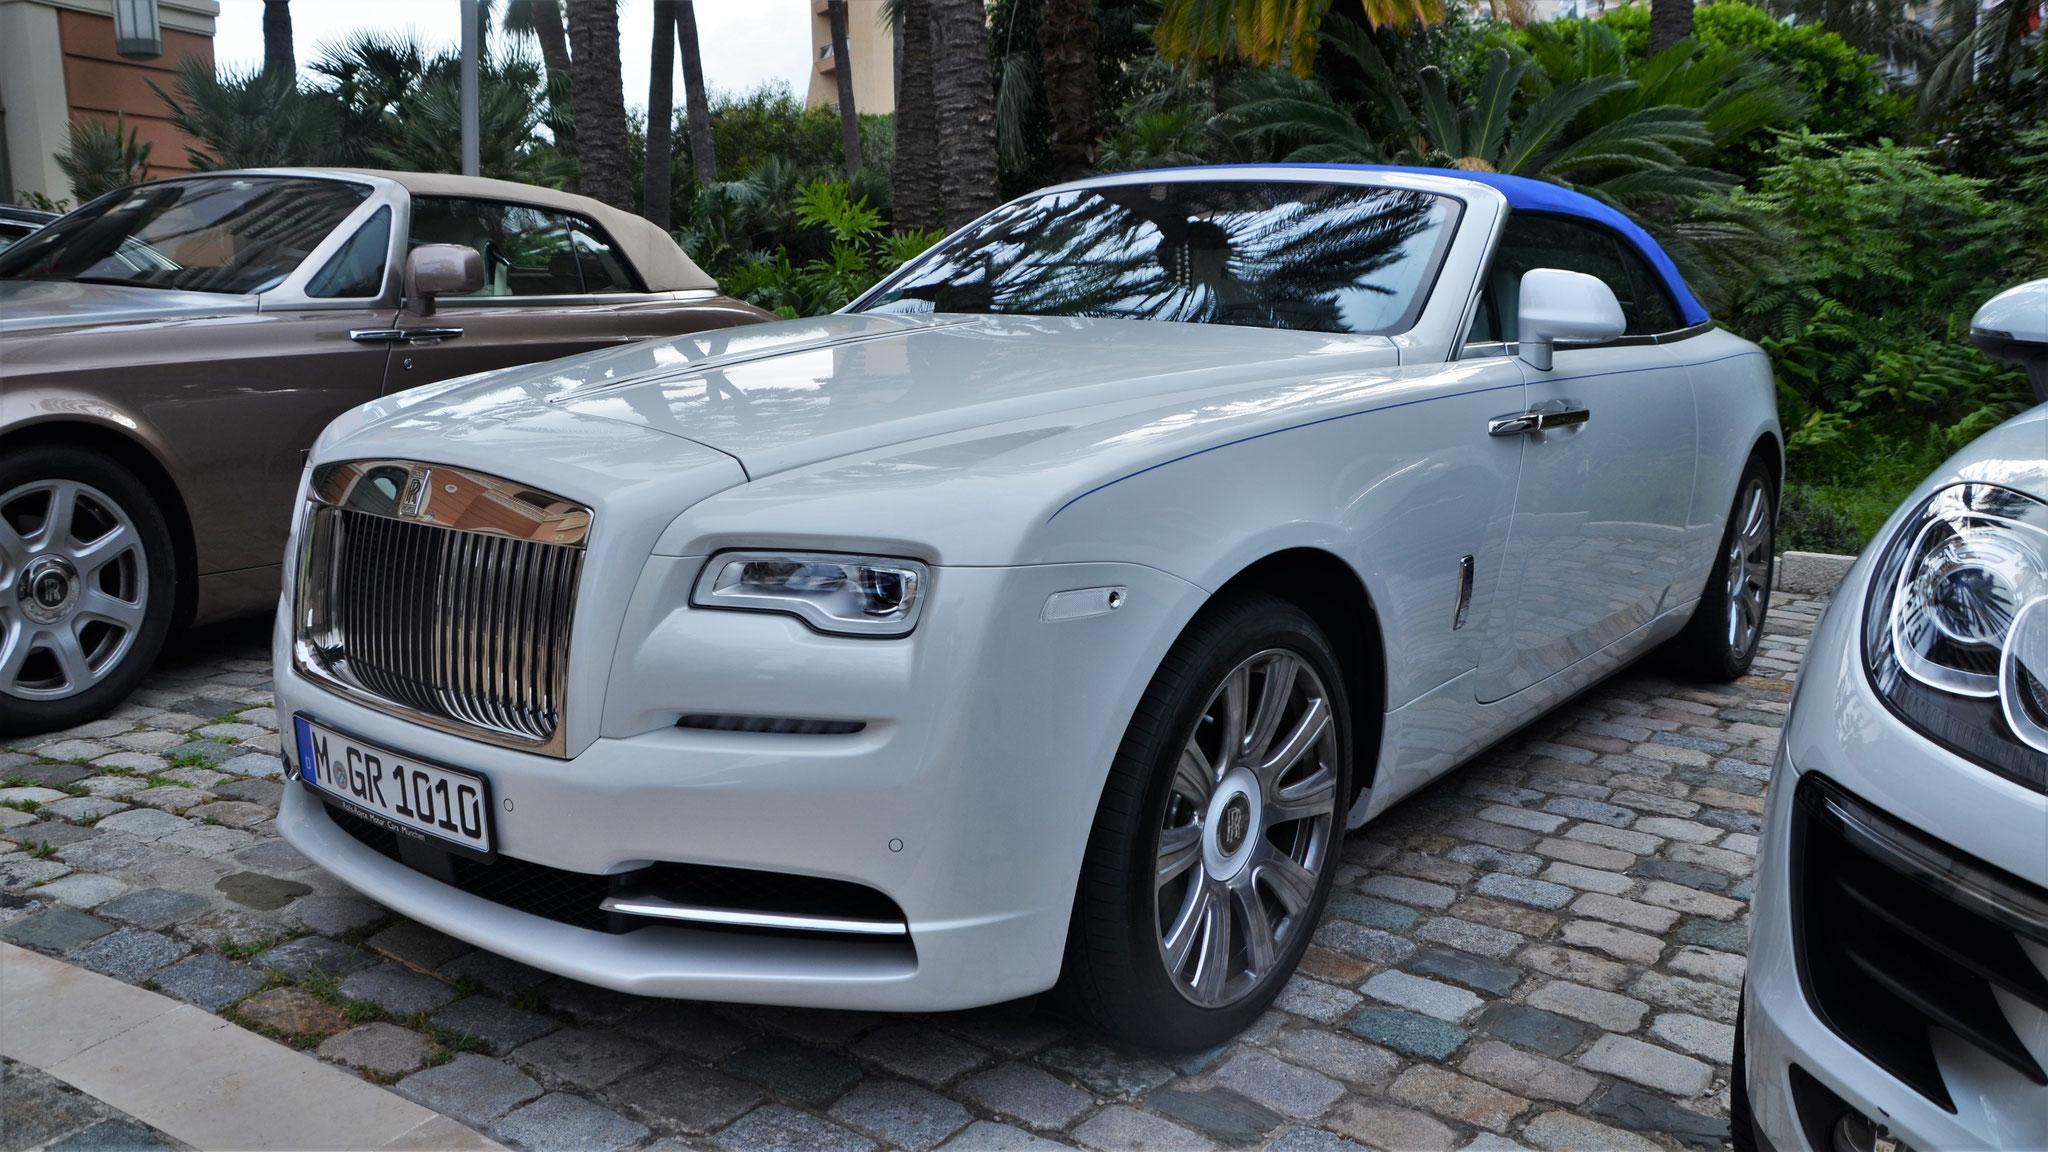 Rolls Royce Dawn - M-GR-1010